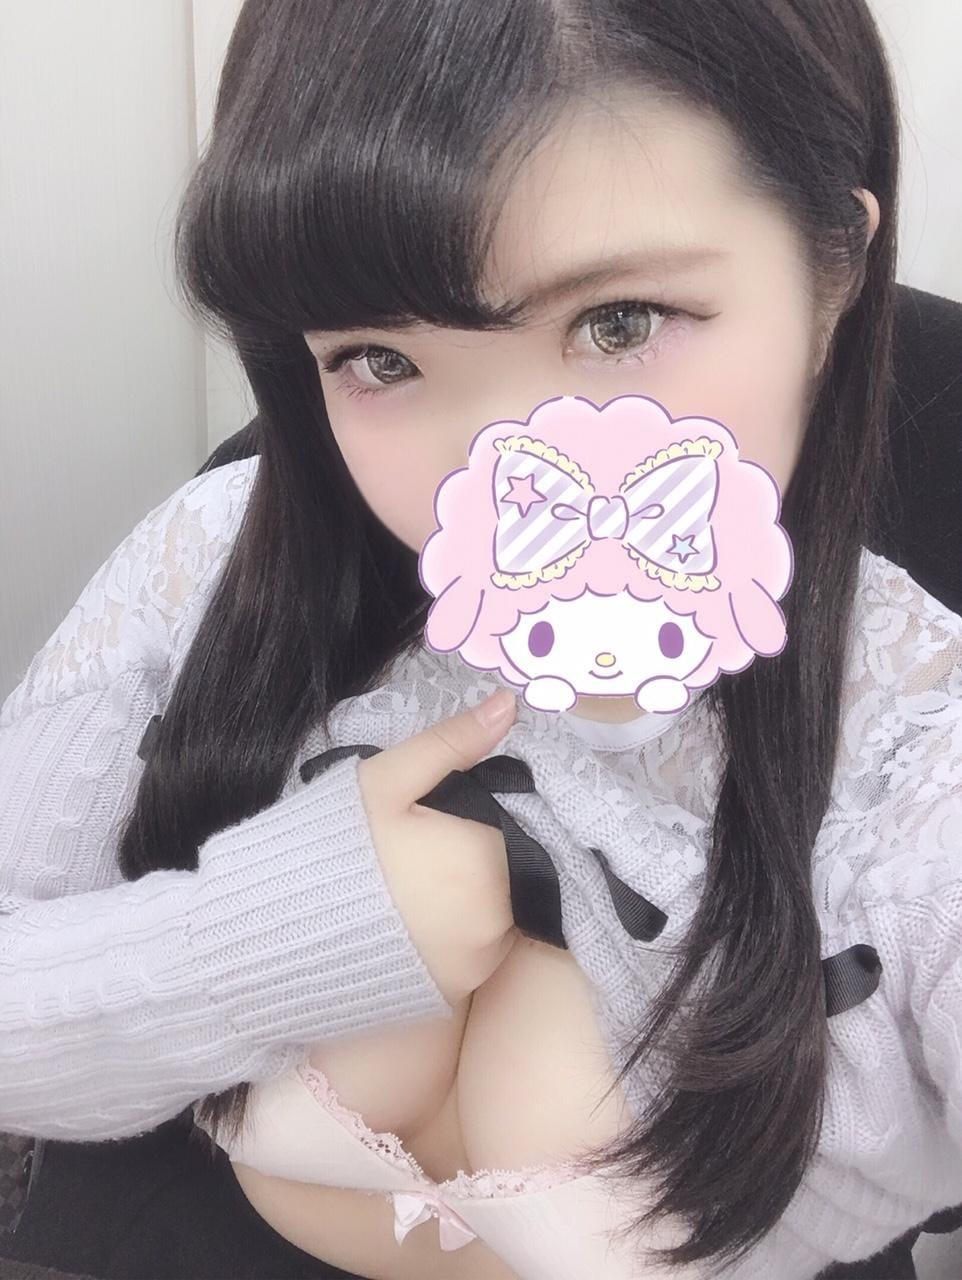 かほ「出勤してます」01/17(木) 16:33   かほの写メ・風俗動画